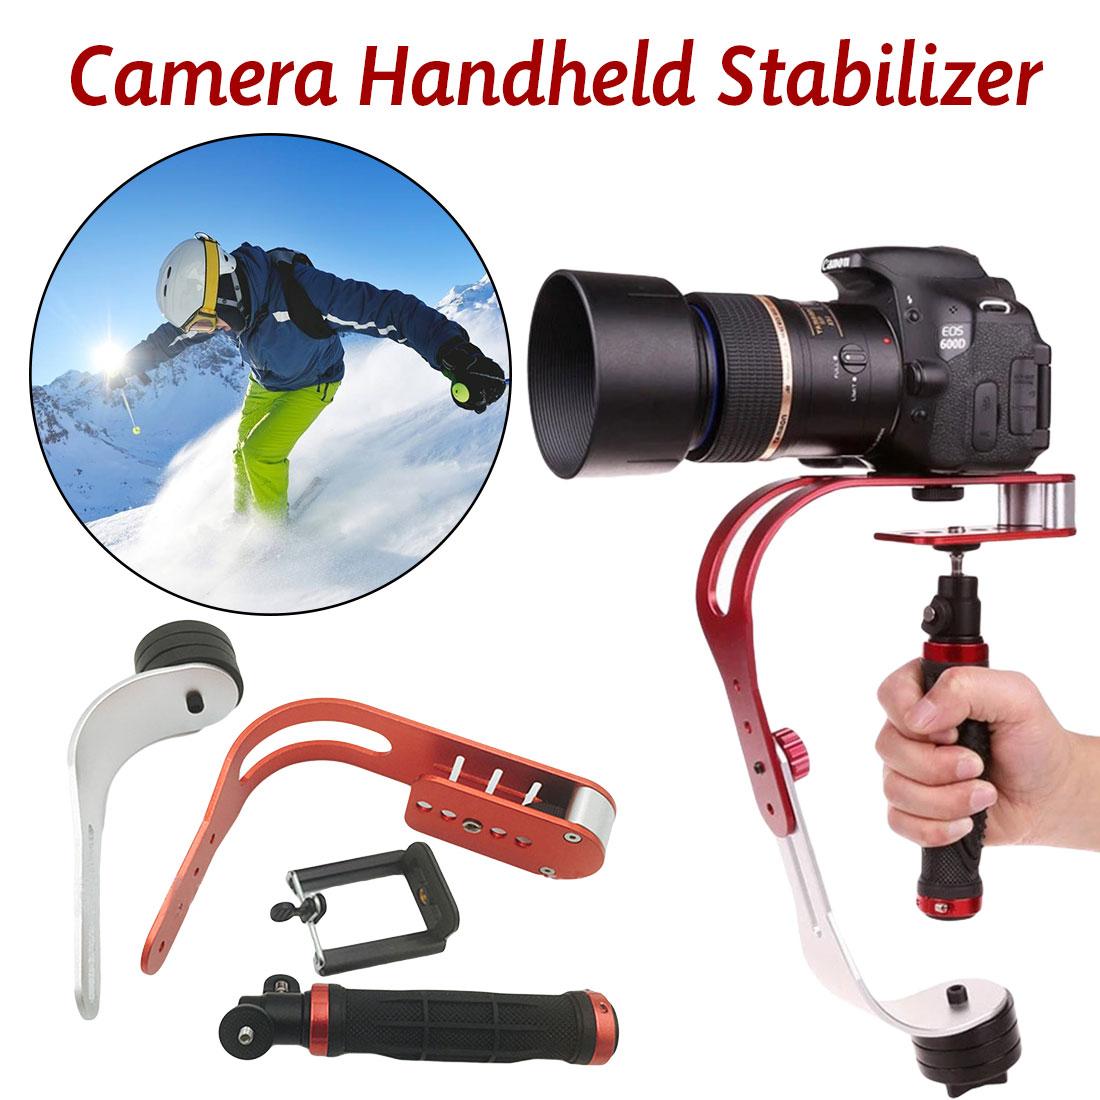 Stabilisateur de caméra numérique portatif universel en alliage d'aluminium rouge Mini vidéo Steadicam Mobile DSLR 5DII Motion DV stabilycam